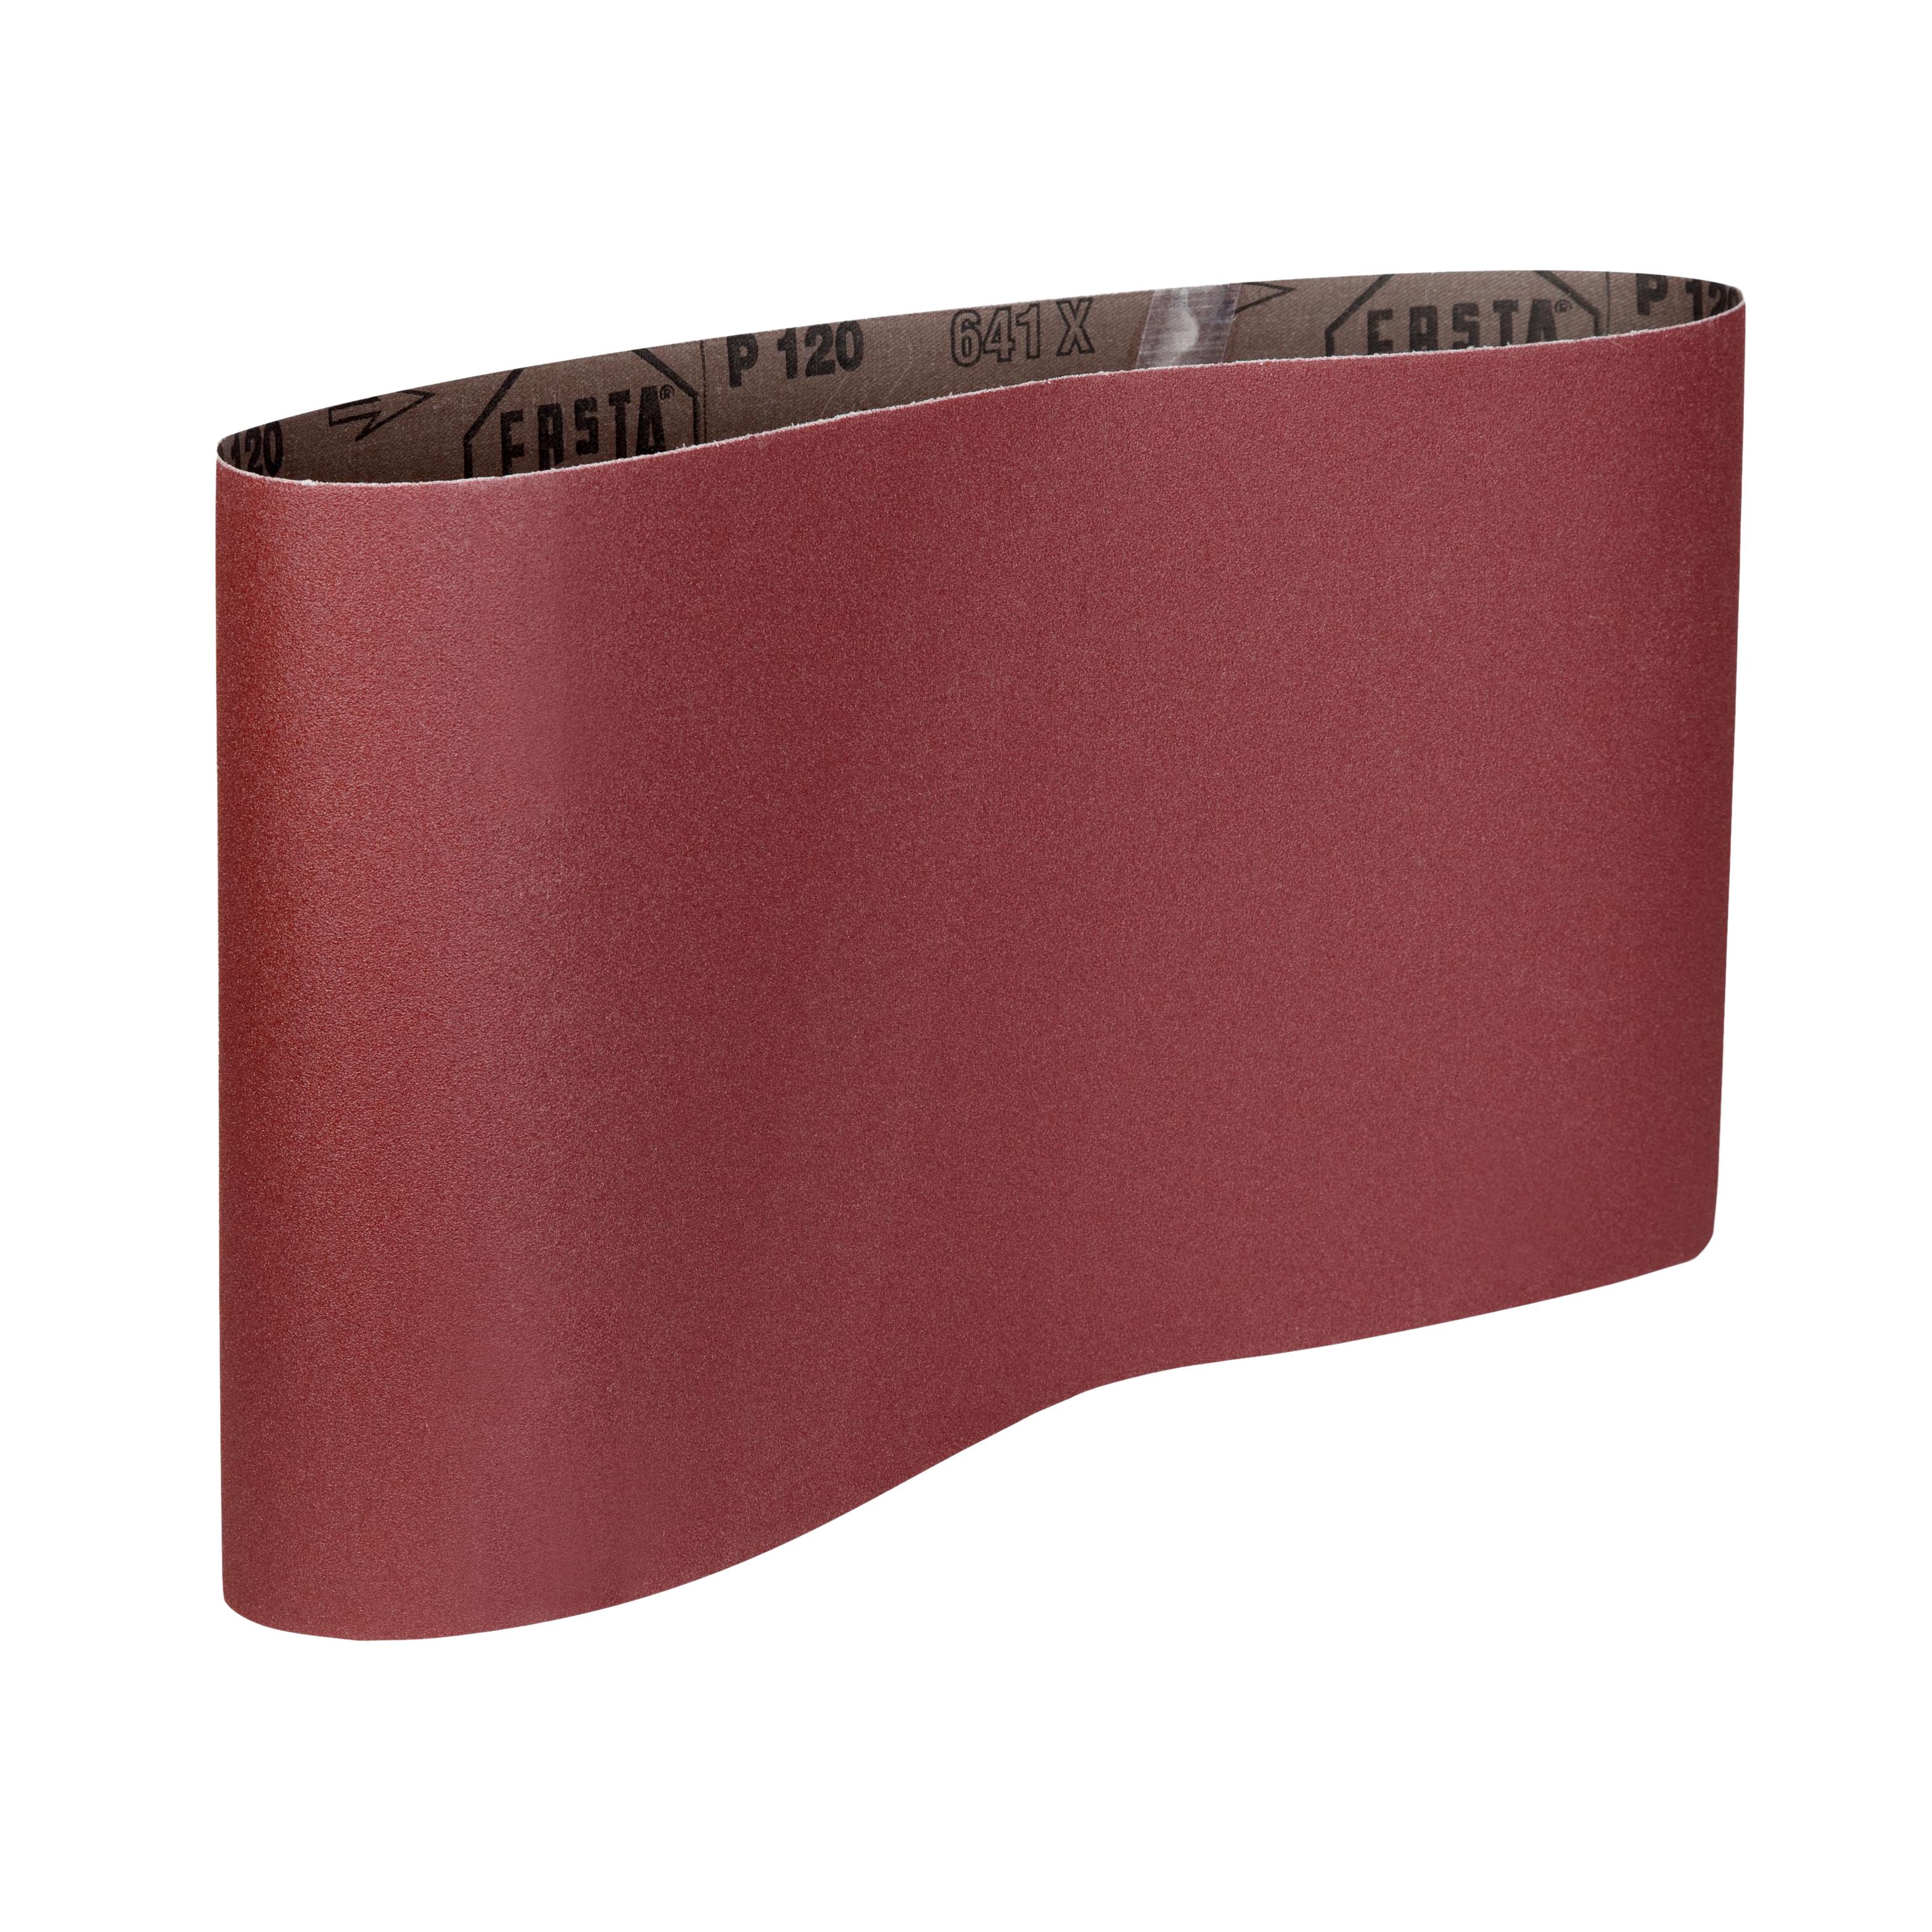 K 60 PARAT Belts Schleifband 200x750mm